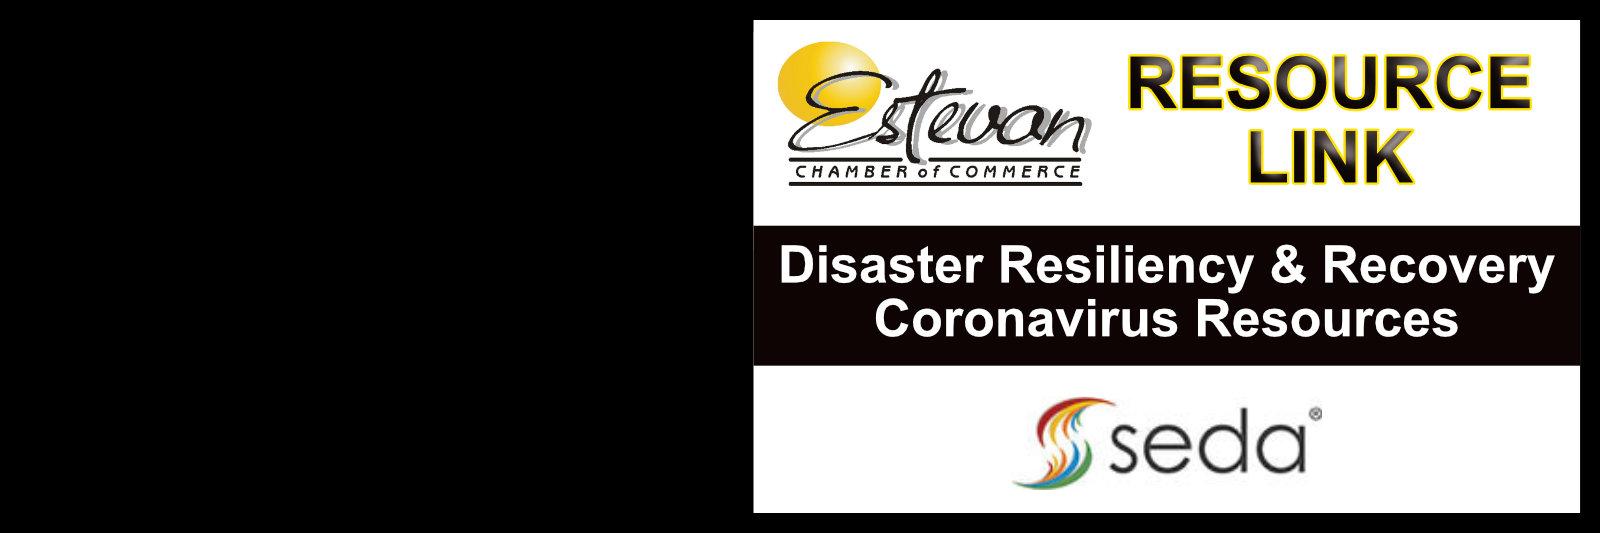 SEDA-Disaster-Resiliency-Link.jpg